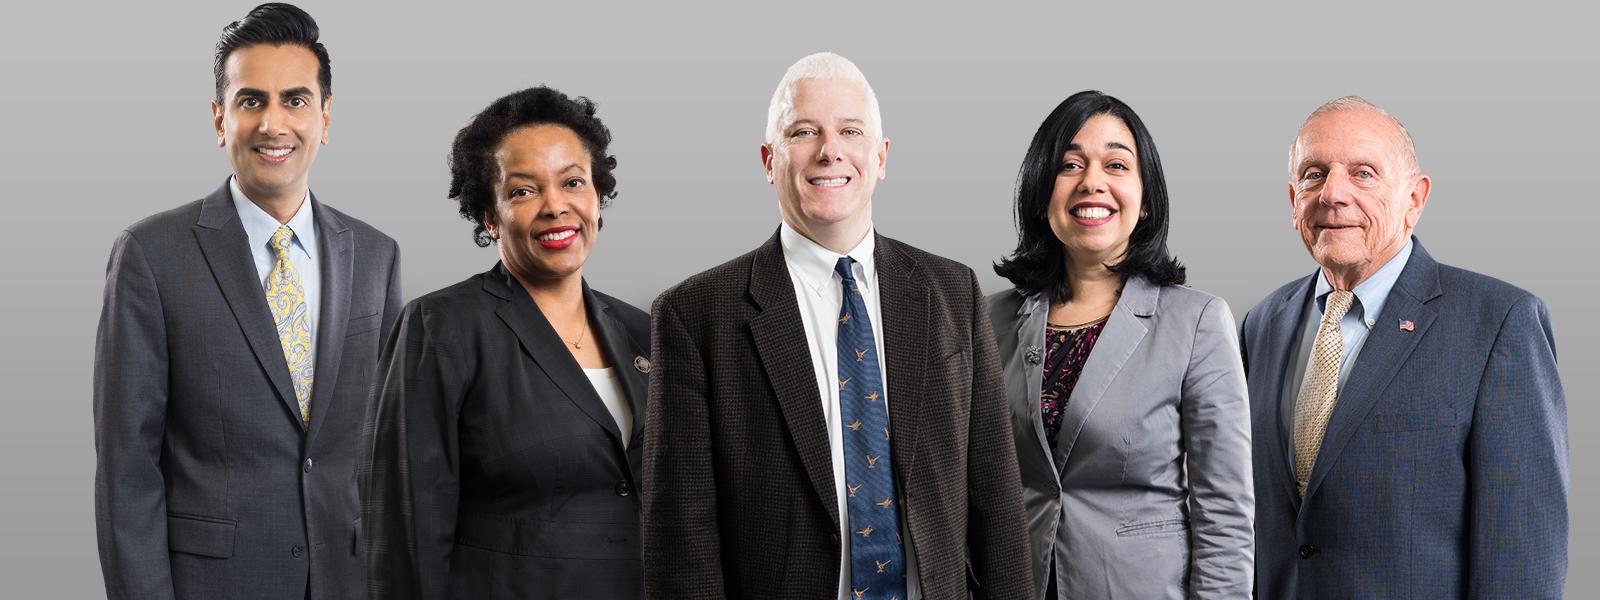 Meet The Board - Montgomery Planning Board